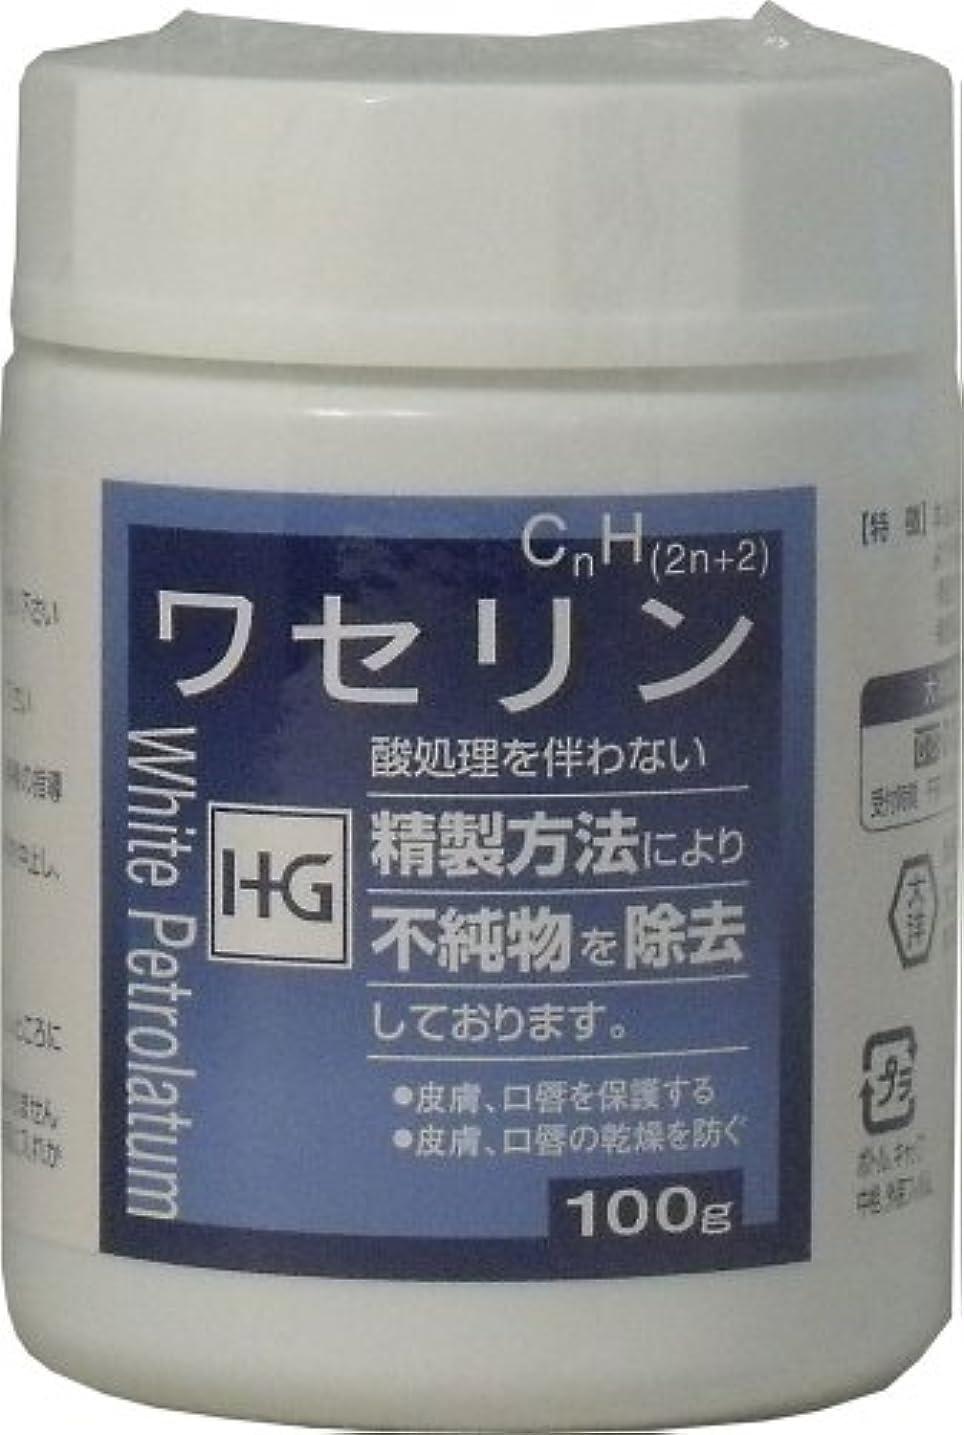 着替えるスパン夕食を食べる皮膚保護 ワセリンHG 100g